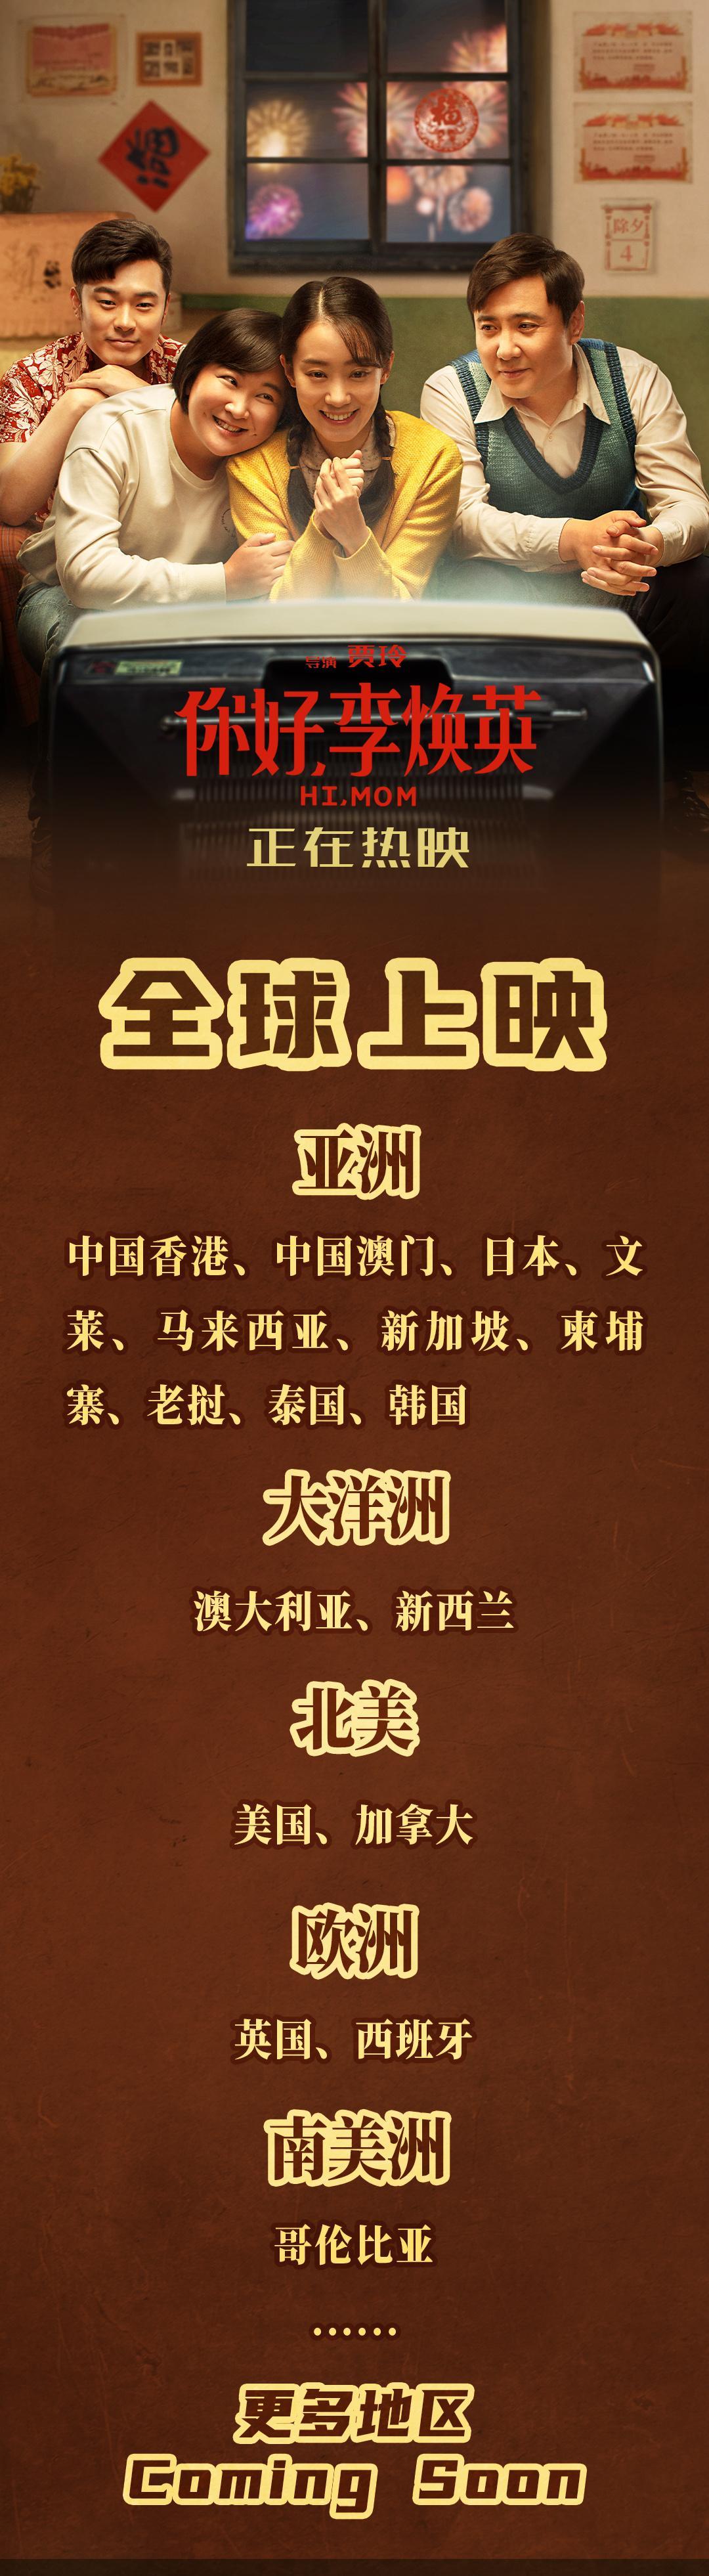 《你好,李焕英》将在海外多地上映